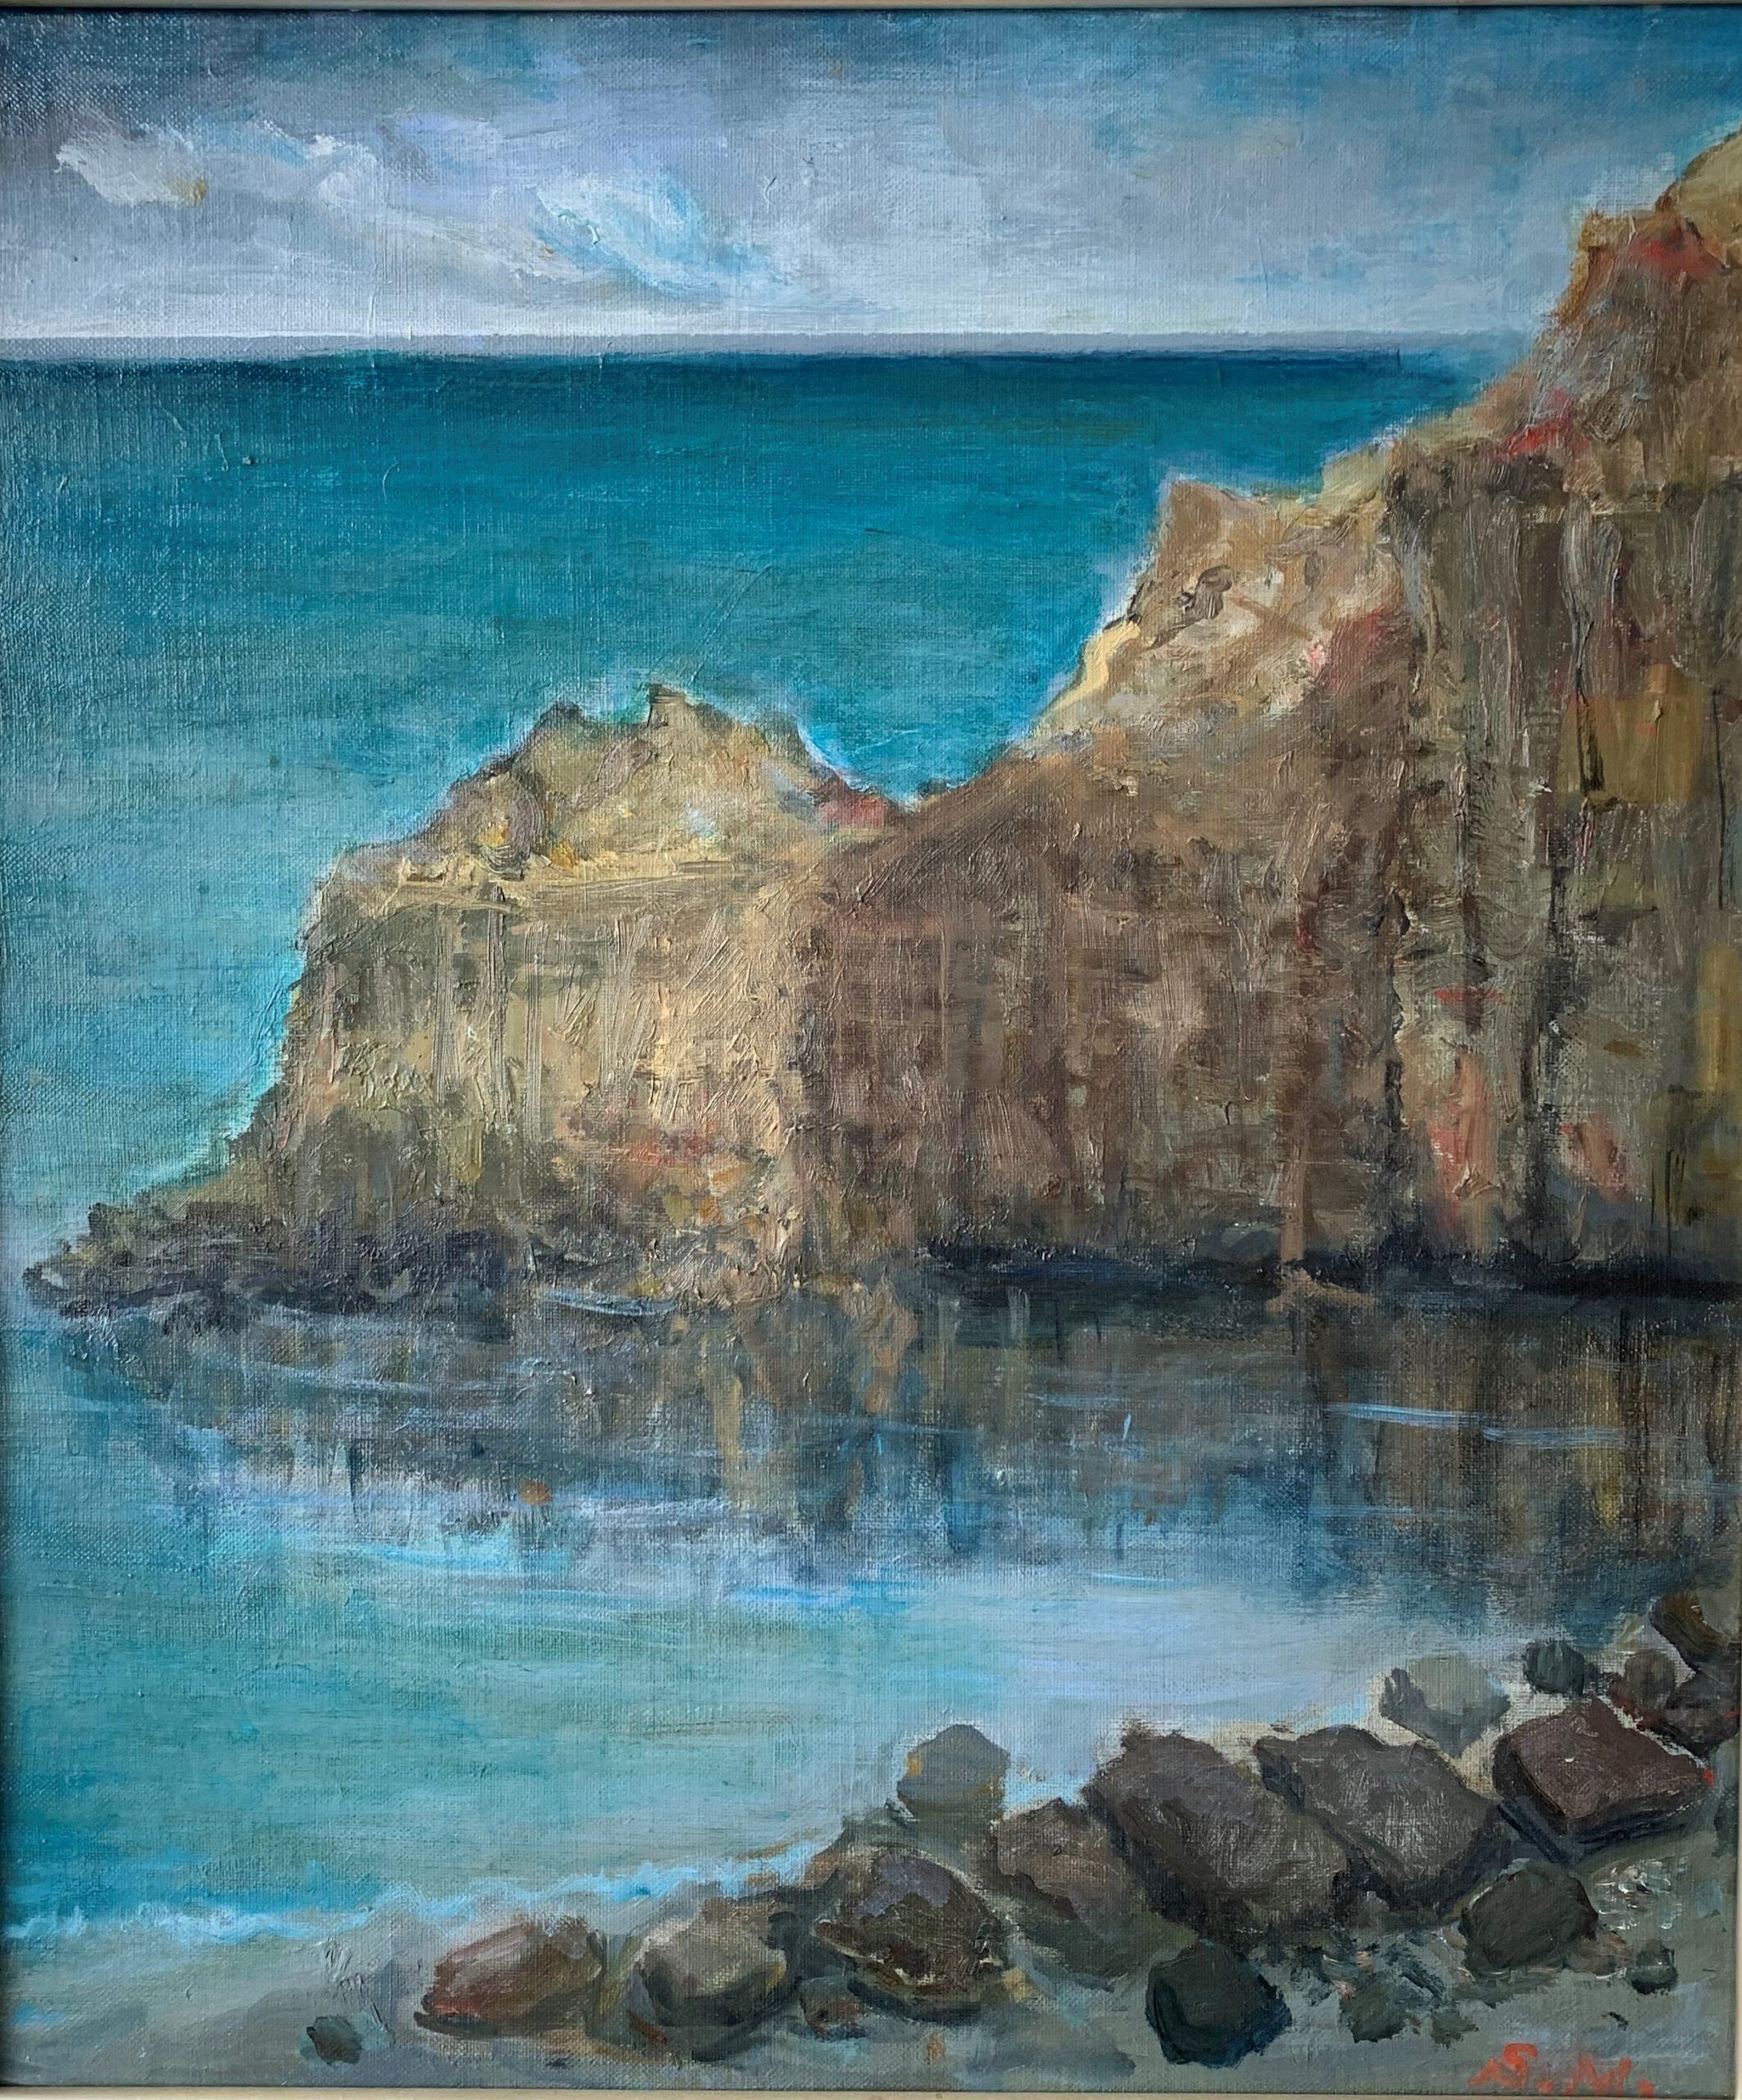 室蘭の海岸